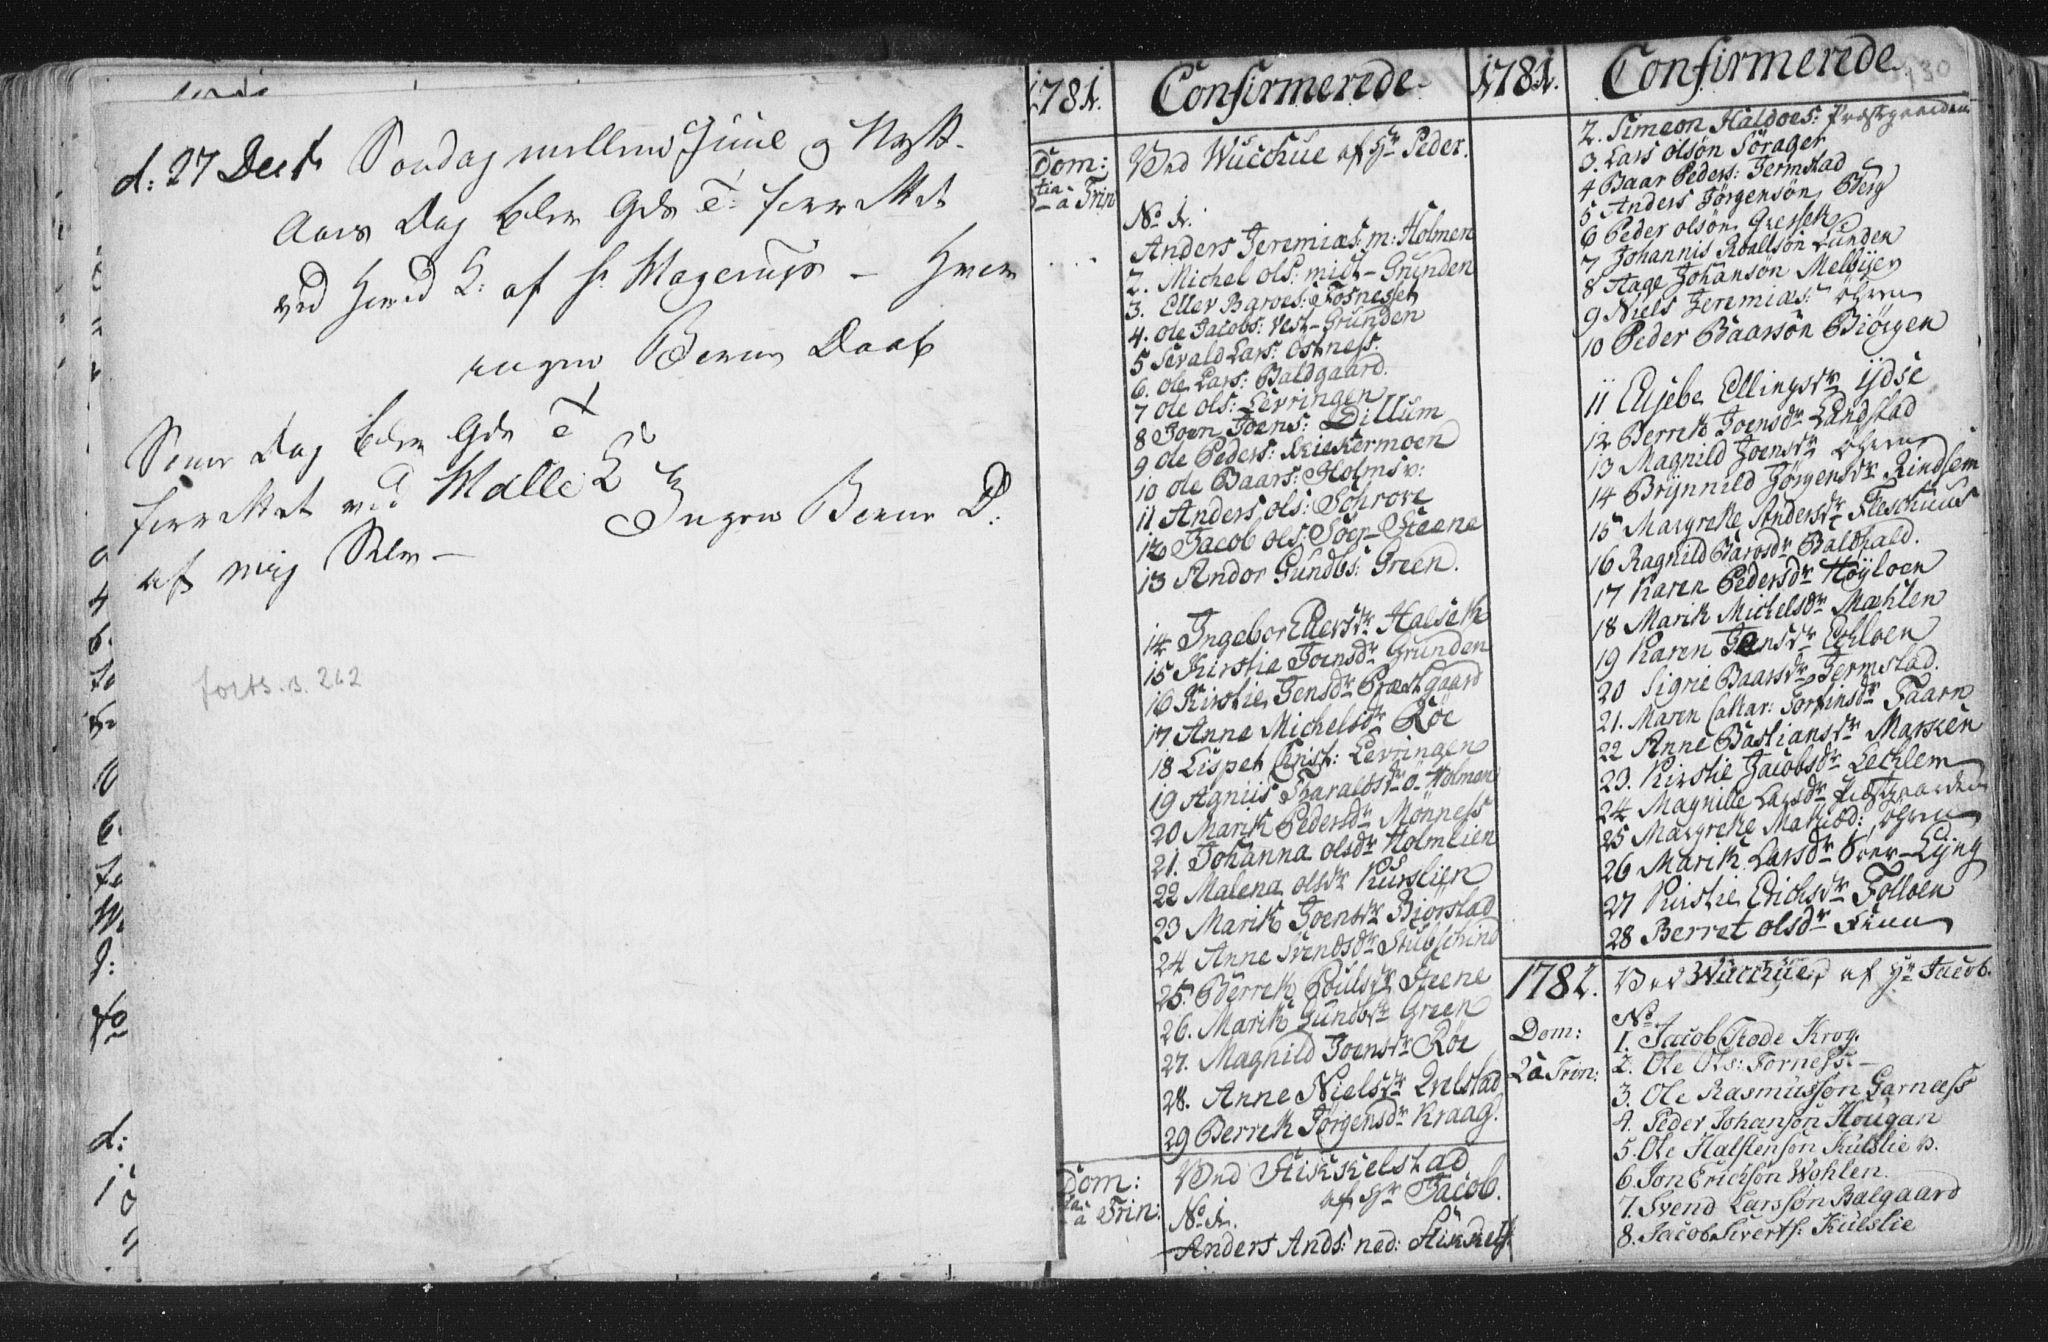 SAT, Ministerialprotokoller, klokkerbøker og fødselsregistre - Nord-Trøndelag, 723/L0232: Ministerialbok nr. 723A03, 1781-1804, s. 130